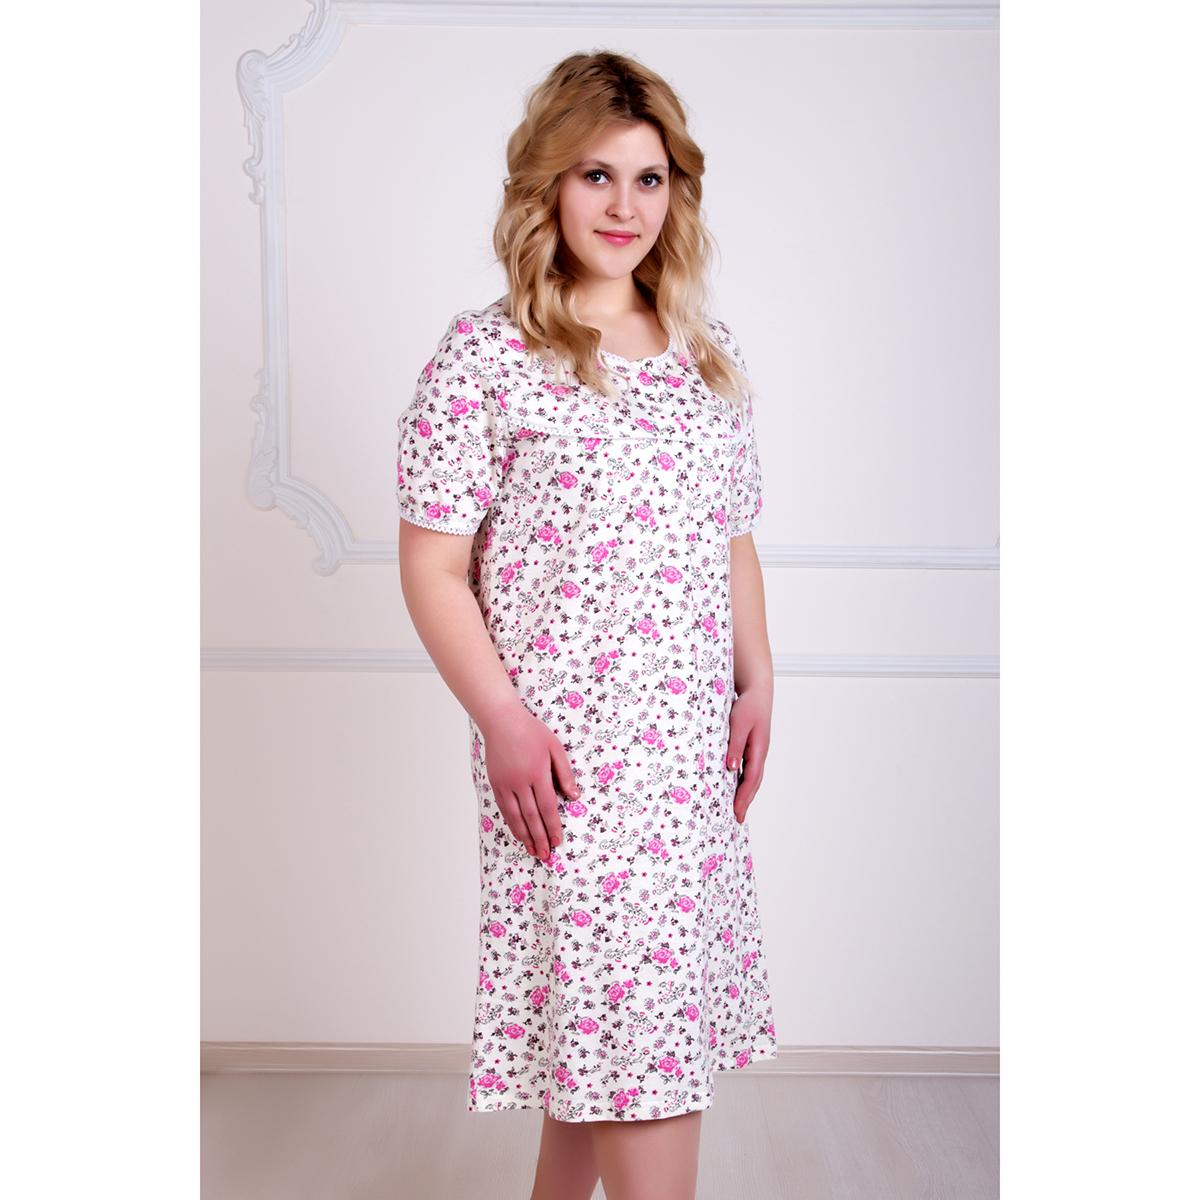 """Женская сорочка """"Цветочек"""" арт. 0288, размер 48 Лика Дресс"""